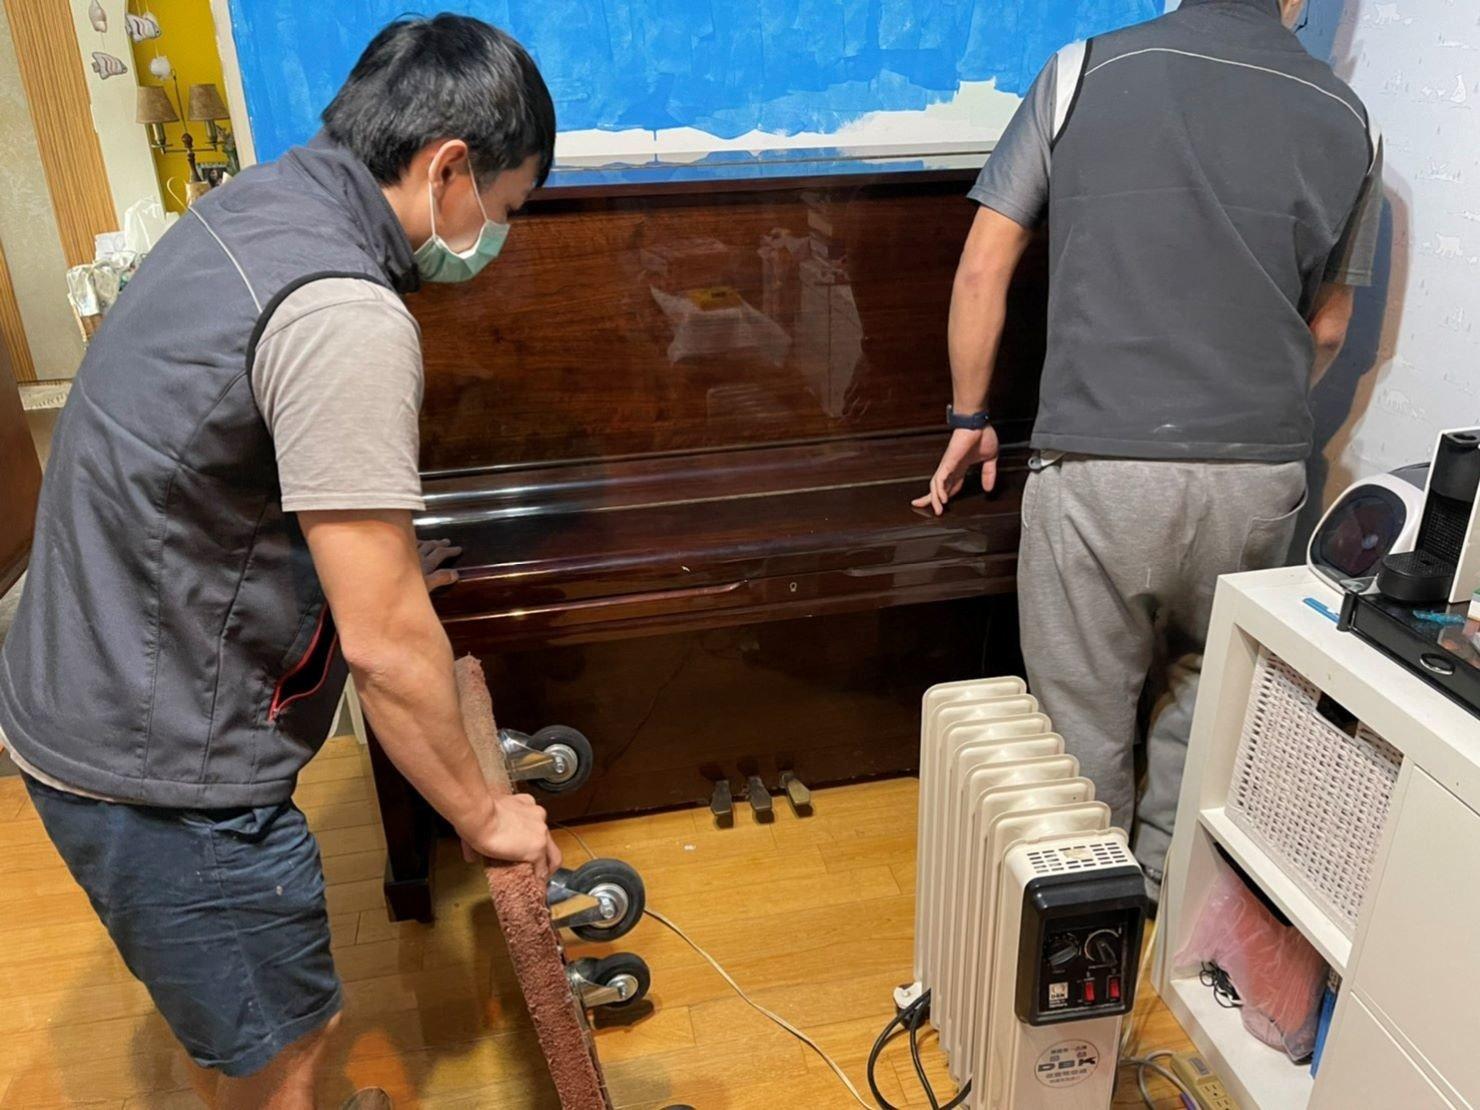 搬鋼琴、搬家公司推薦、新北搬家推薦【榮福搬家公司】南港搬家、桃園搬家公司推薦、台北搬家公司推薦、鋼琴運送、搬鋼琴首選,搬平台式鋼琴達人,針對顧客所搬鋼琴都秉持以用心實在專業搬家技巧,搬家實在用心值得您的信賴與選擇。歡迎來電咨詢02-2651-2727,榮福搬家有專員立即為您服務。